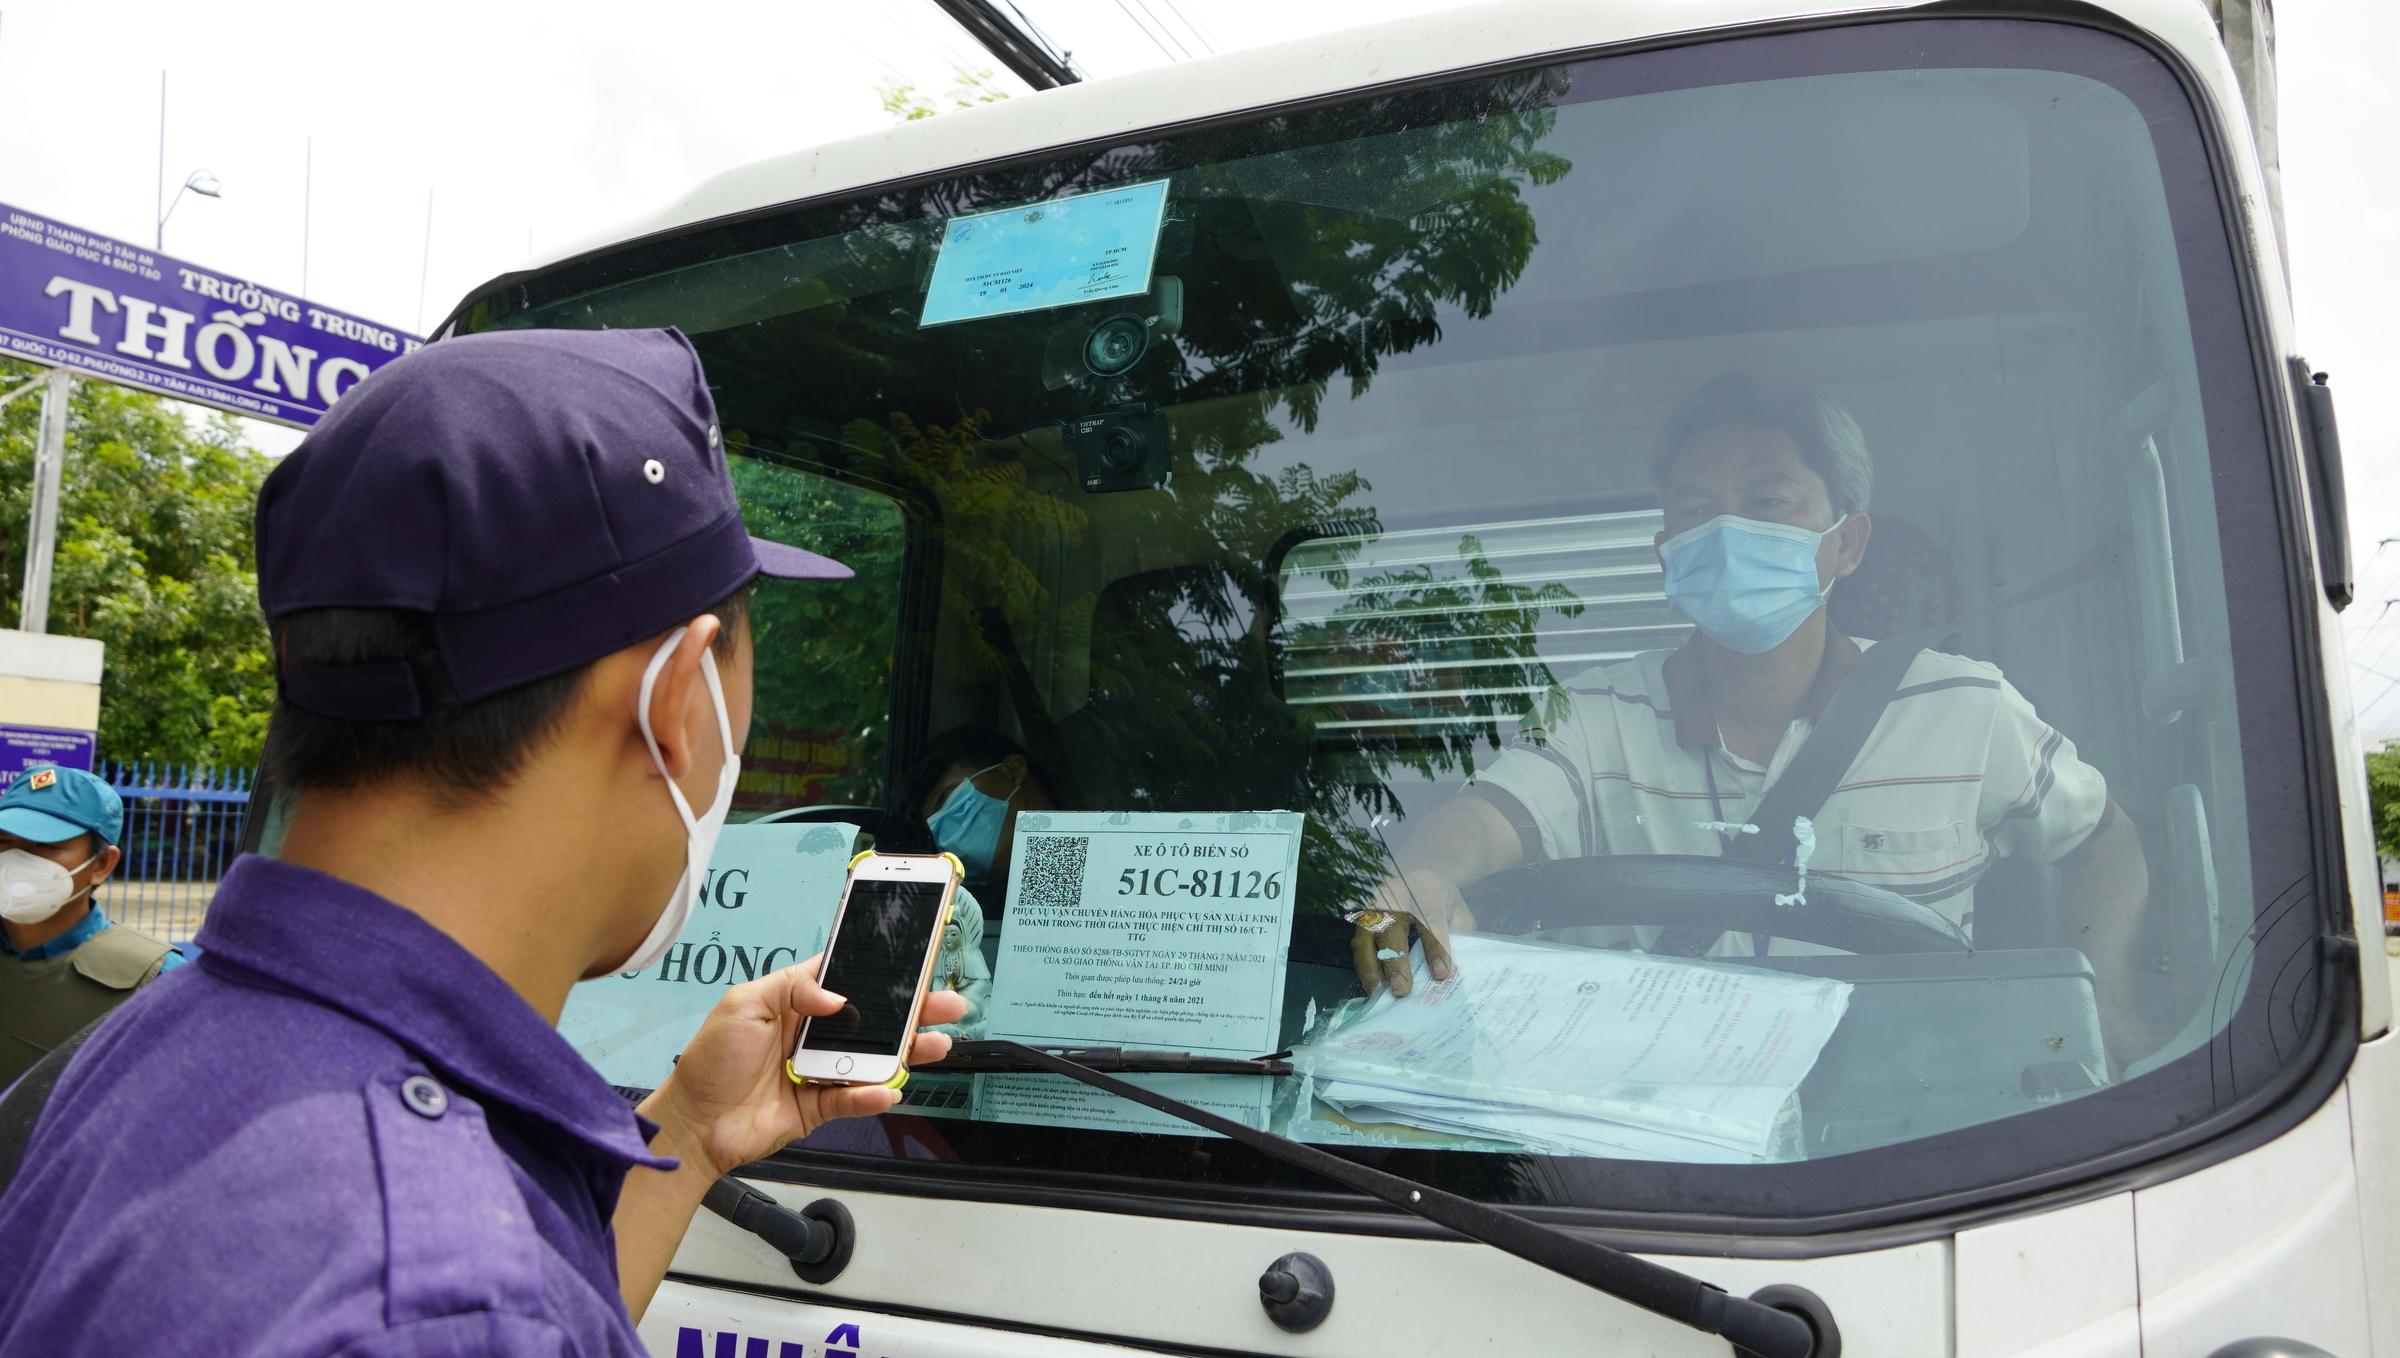 Lực lượng dân phòng dùng điện thoại quét mã QR luồng xanh trên một xe tải tại chốt kiểm soát quốc lộ 62, phường 2, TP Tân An, Long An. Ảnh: Hoàng Nam